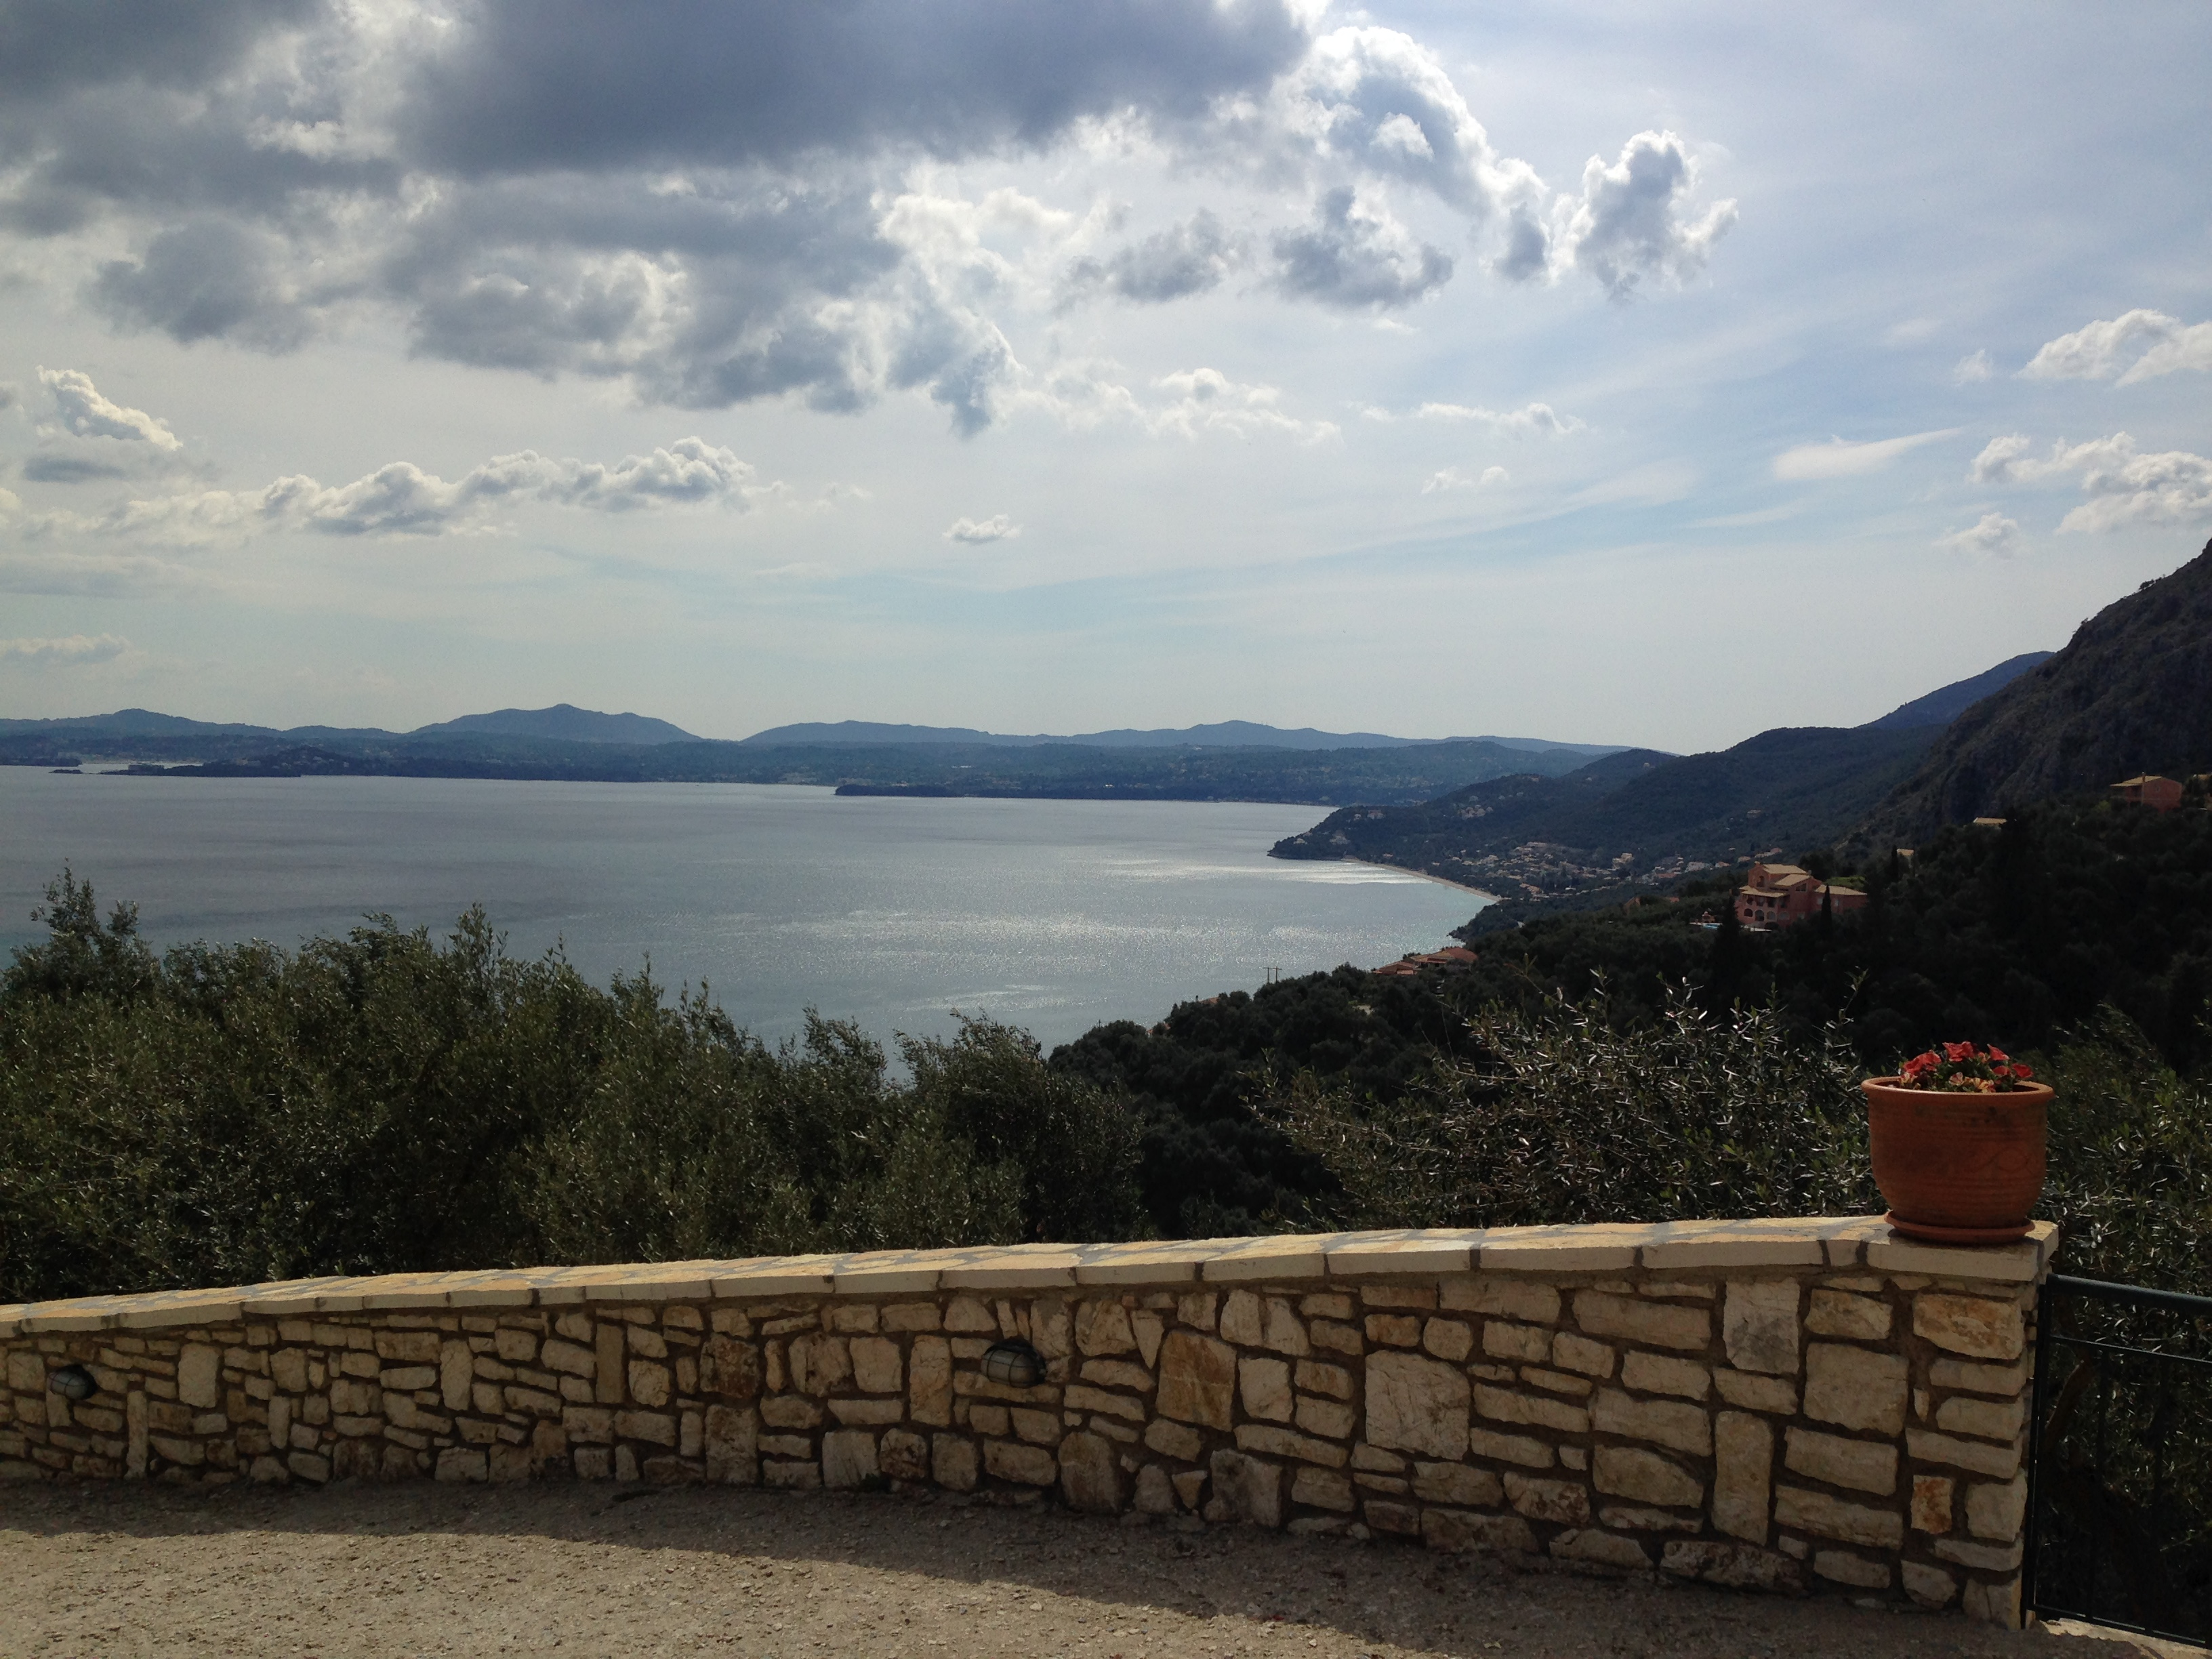 """Blick auf das Meer - Korfu Ferienhäuser mit Pool """"Villen Zeta und Marianthi""""  in Nissaki, Ostküste, KorfuCorfu.de"""